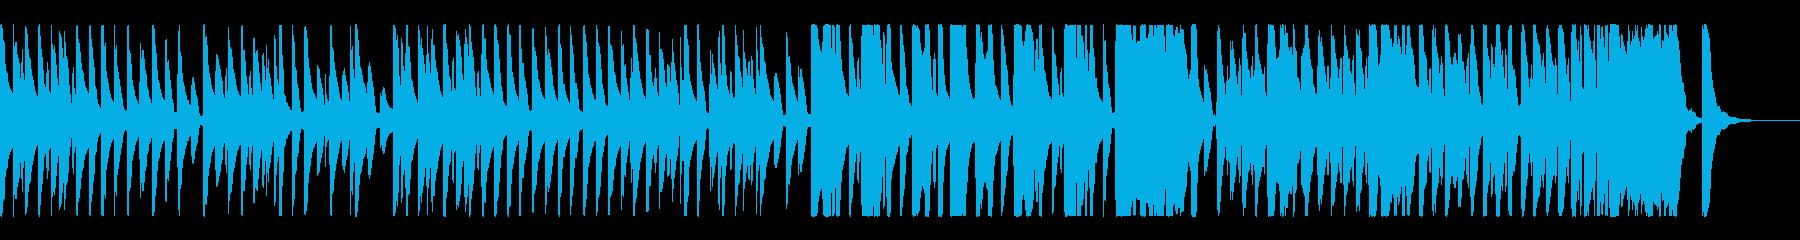 ほのぼのした日常系BGMの再生済みの波形